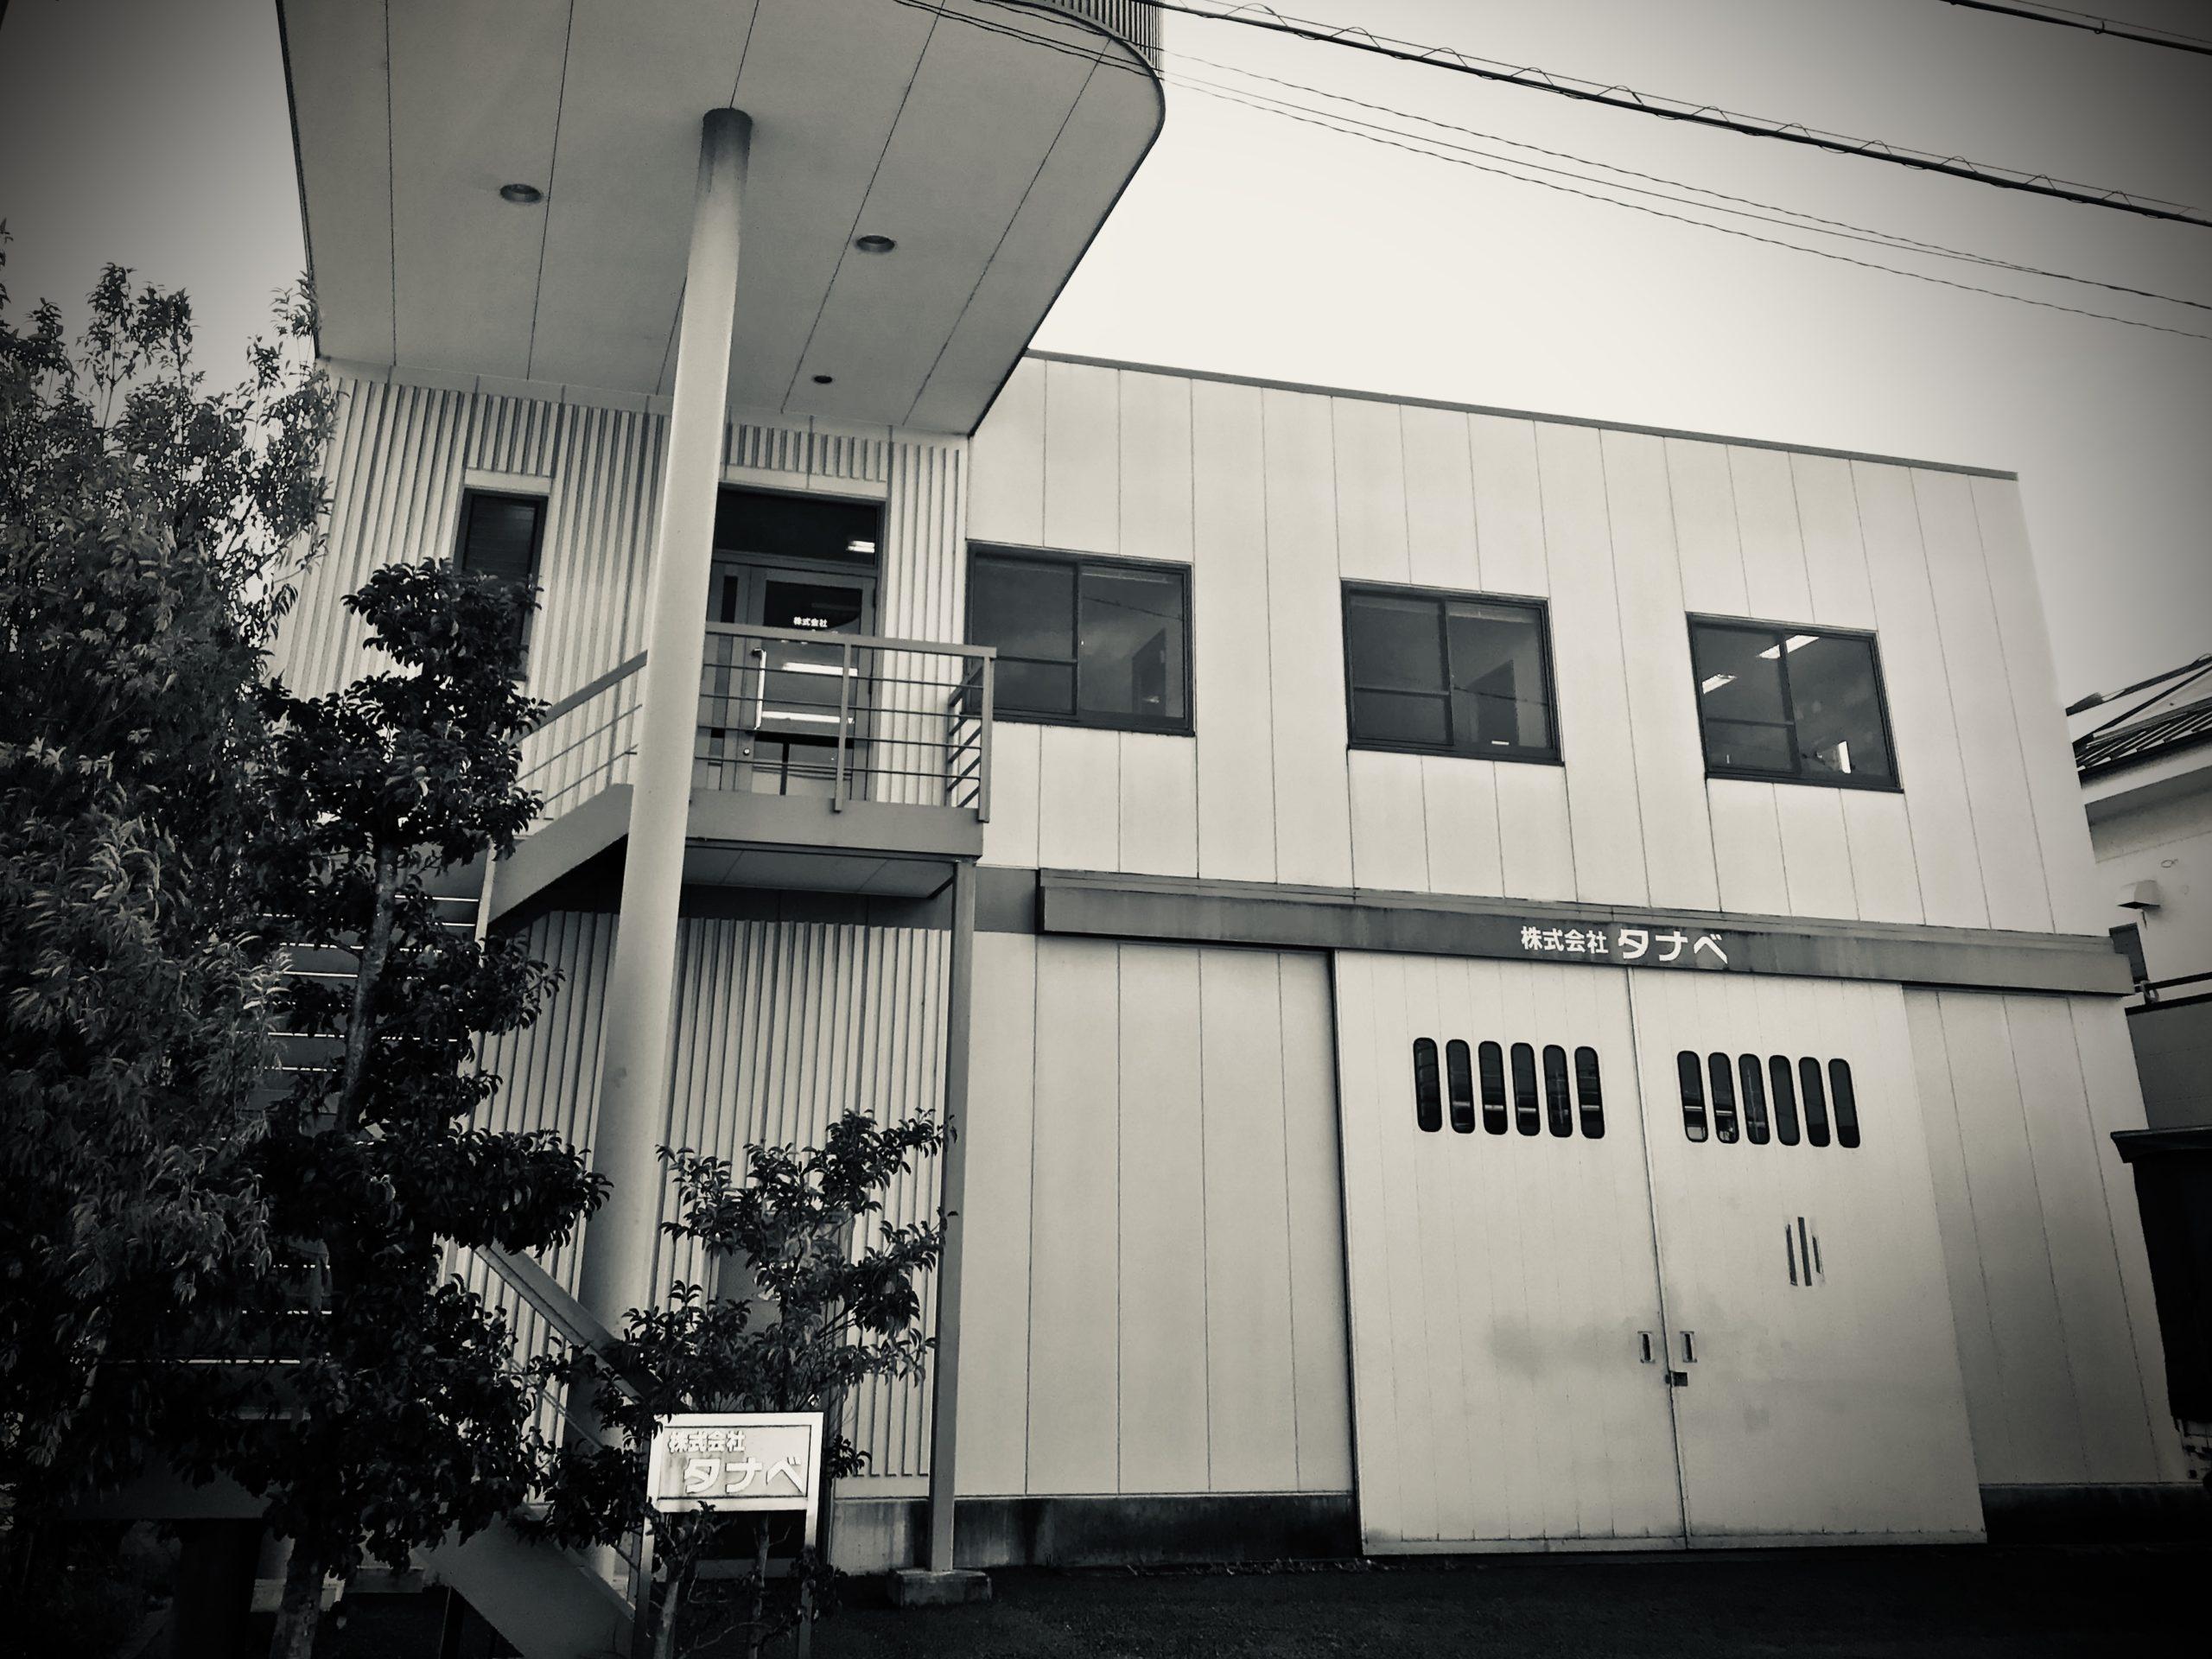 株式会社タナベ本社工場